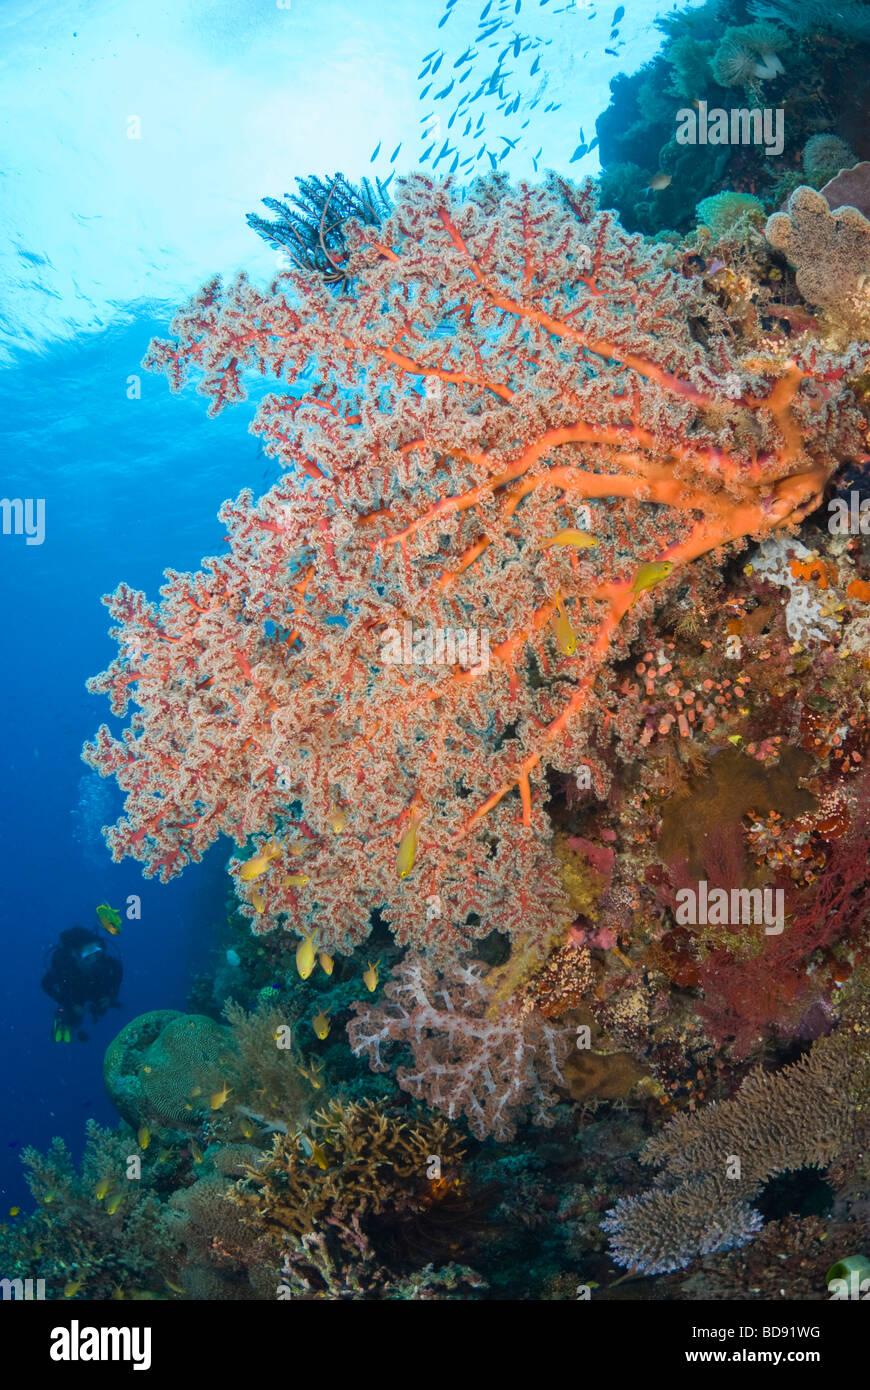 Scuba diver in philippine coral gardens, Cabilao, Philippines - Stock Image